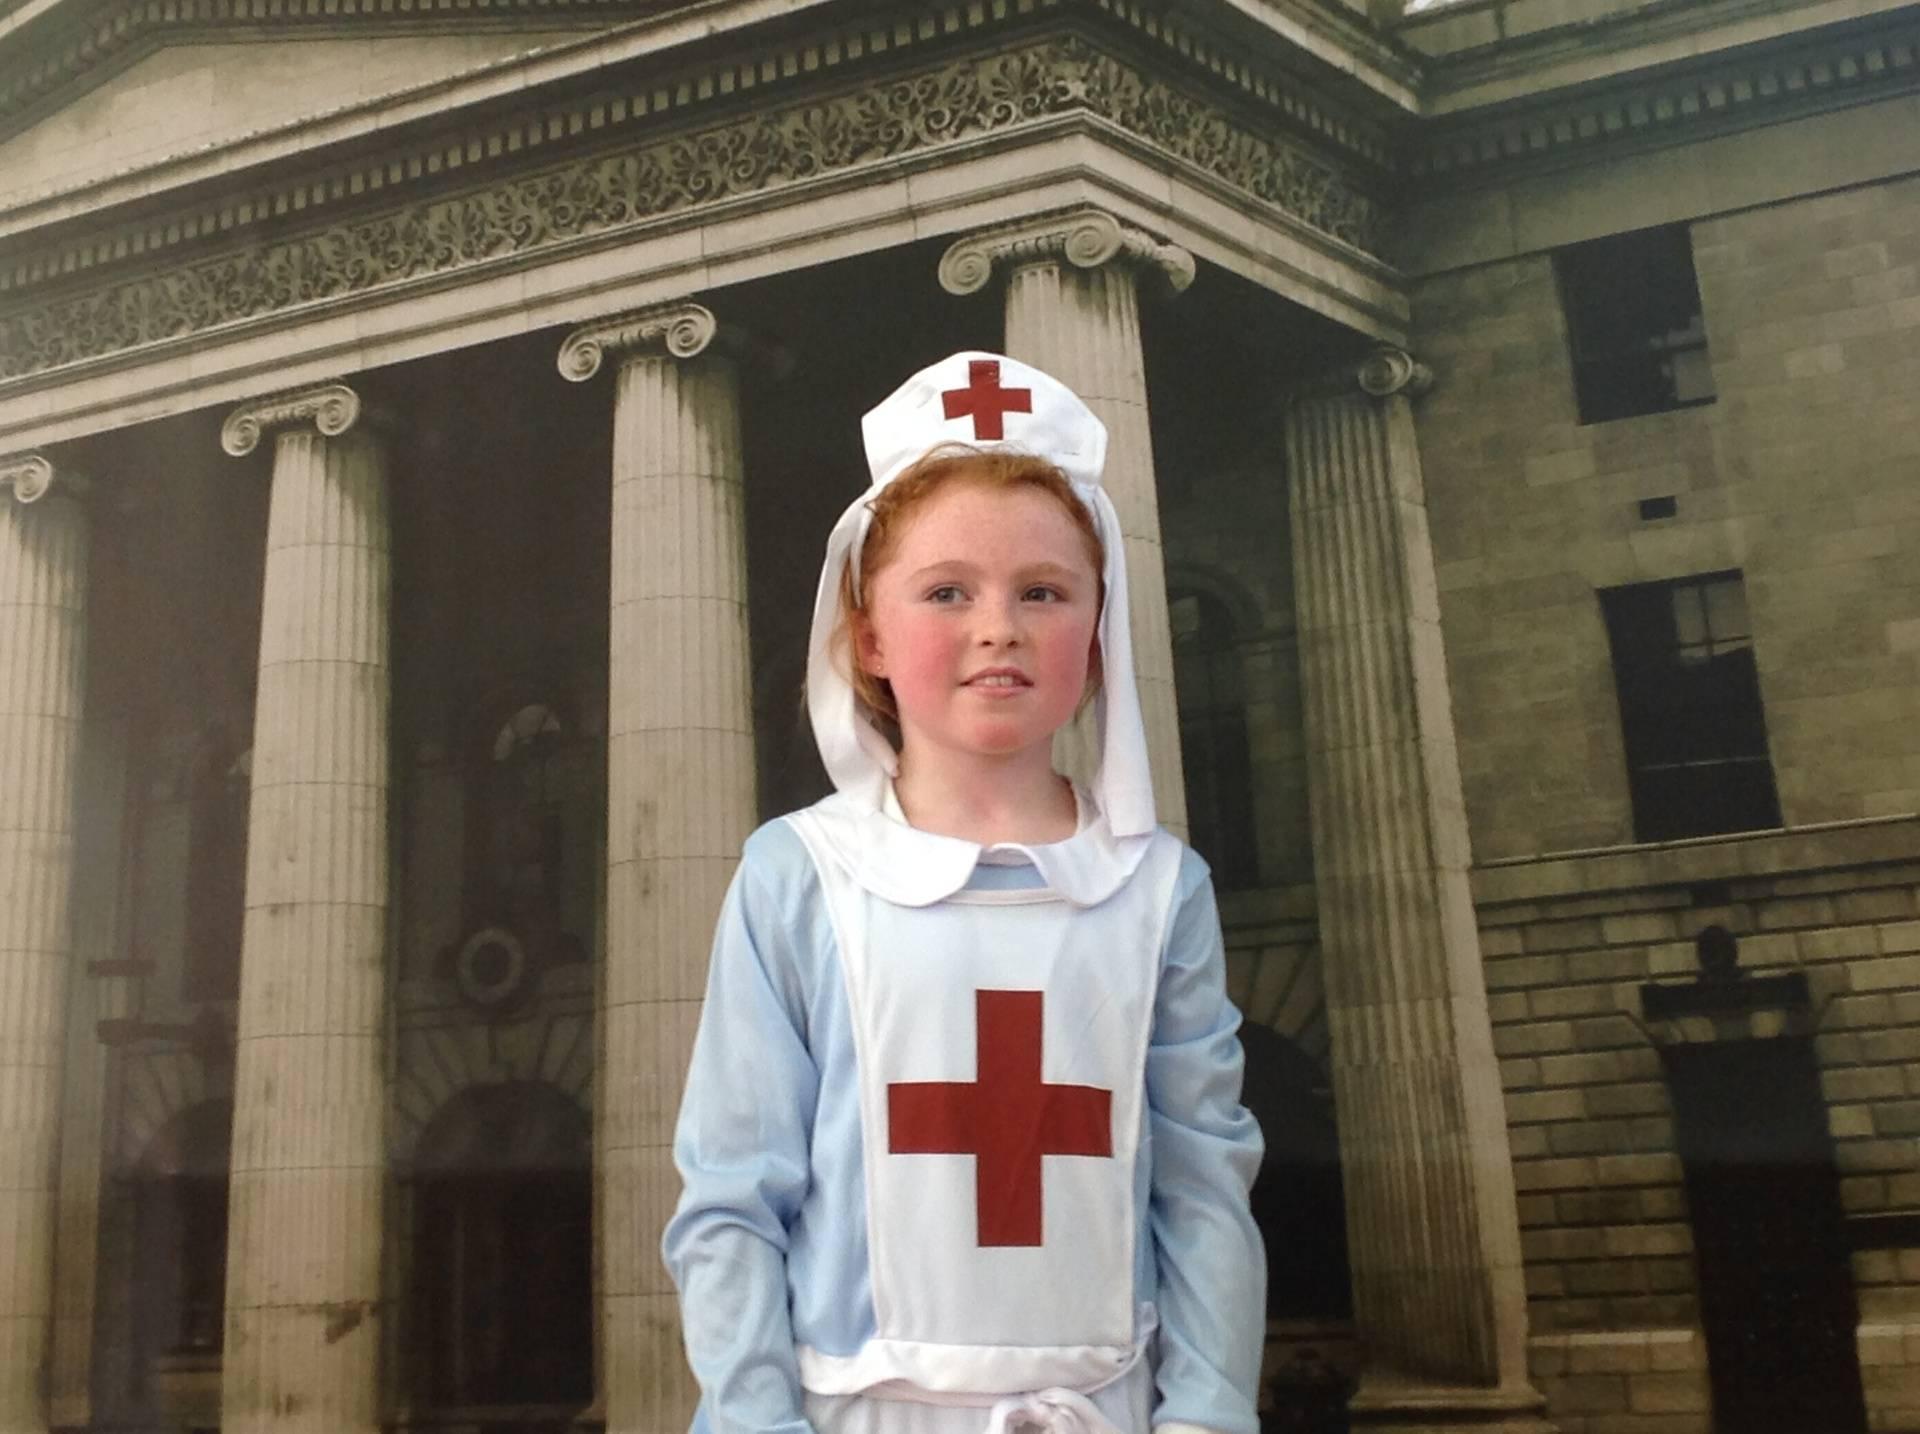 Nurse O'Farrell